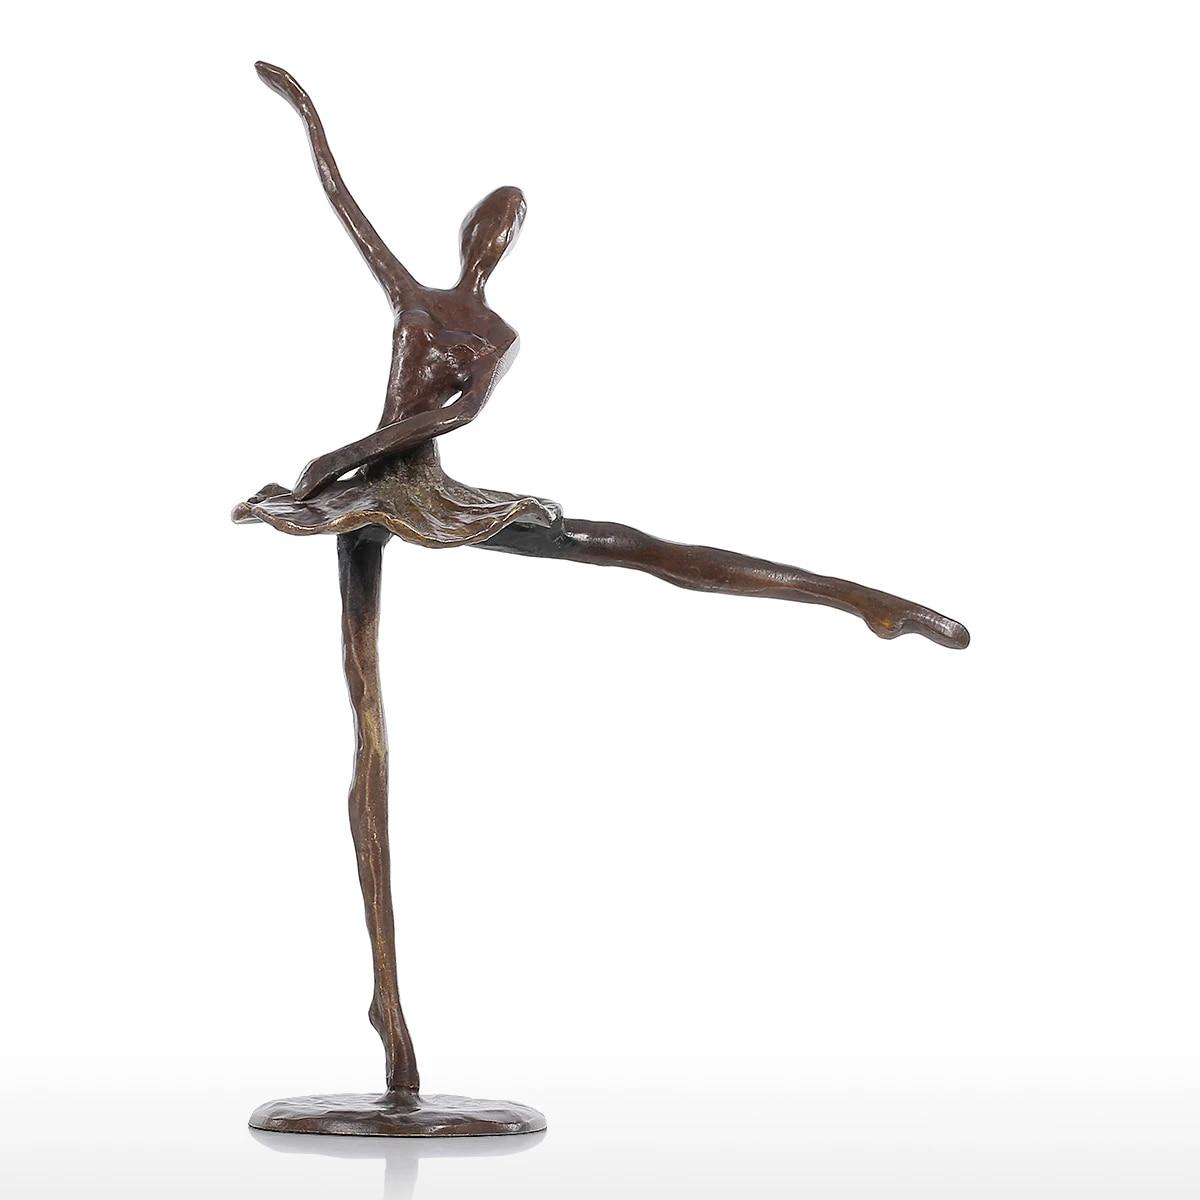 Tooarts Statuette Ballett Moderne Dance Bronze Statue Metall Skulptur Wohnkultur Figuren Geschenk Hause Dekoration Zubehor Kunst Art Accessories Art Modernart Home Decor Aliexpress